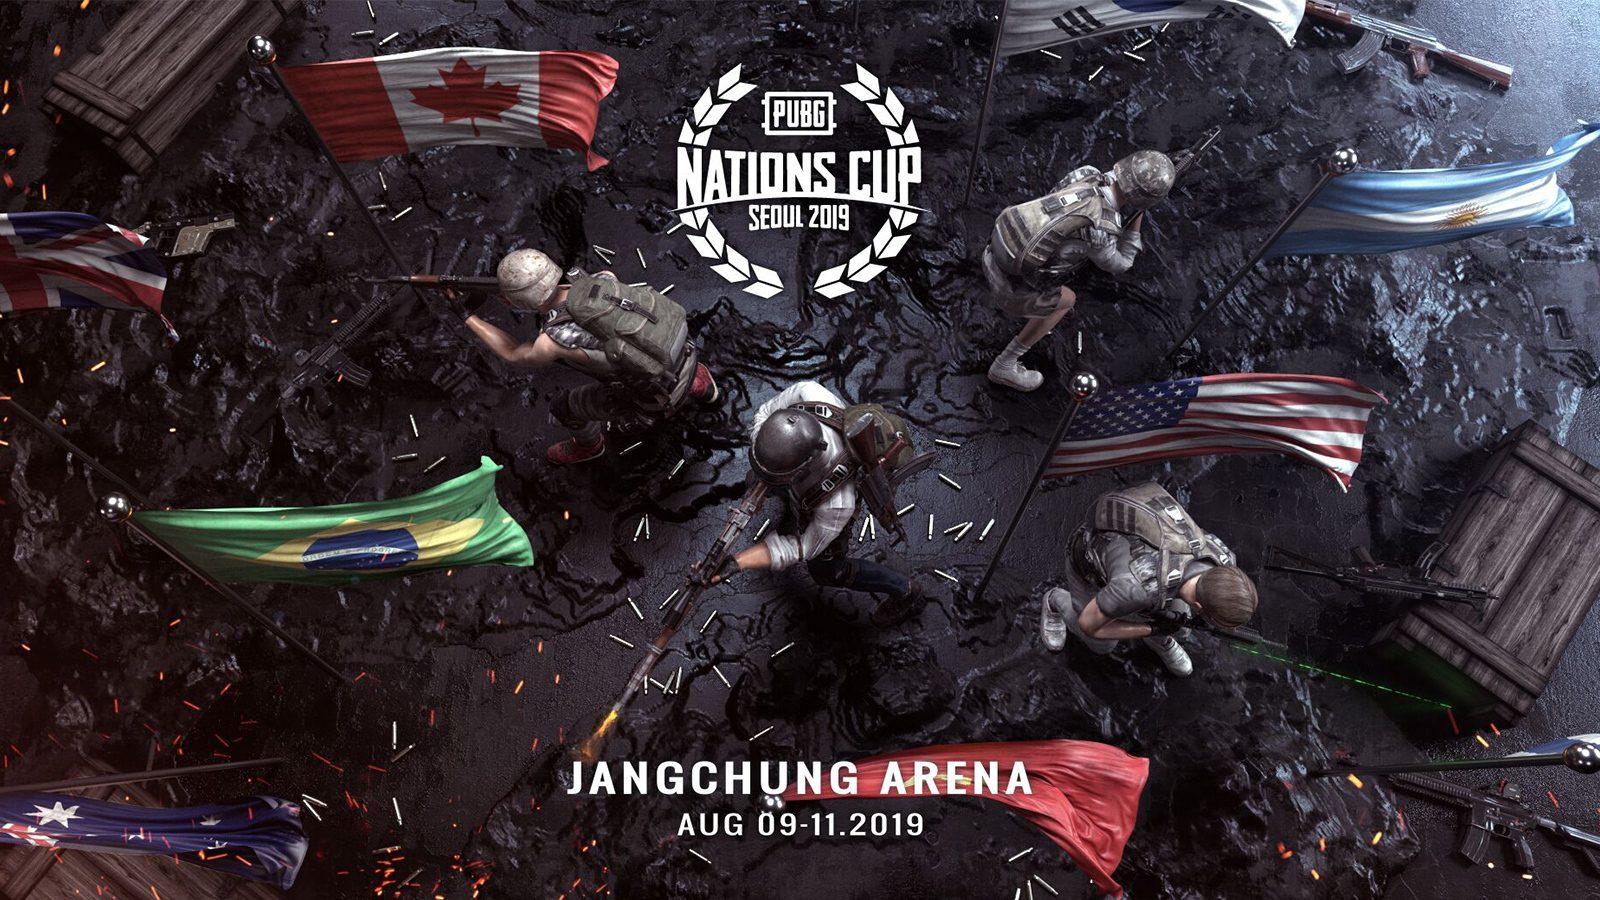 PUBG Nations Cup: Buen debut del equipo argentino en el Mundial de Corea